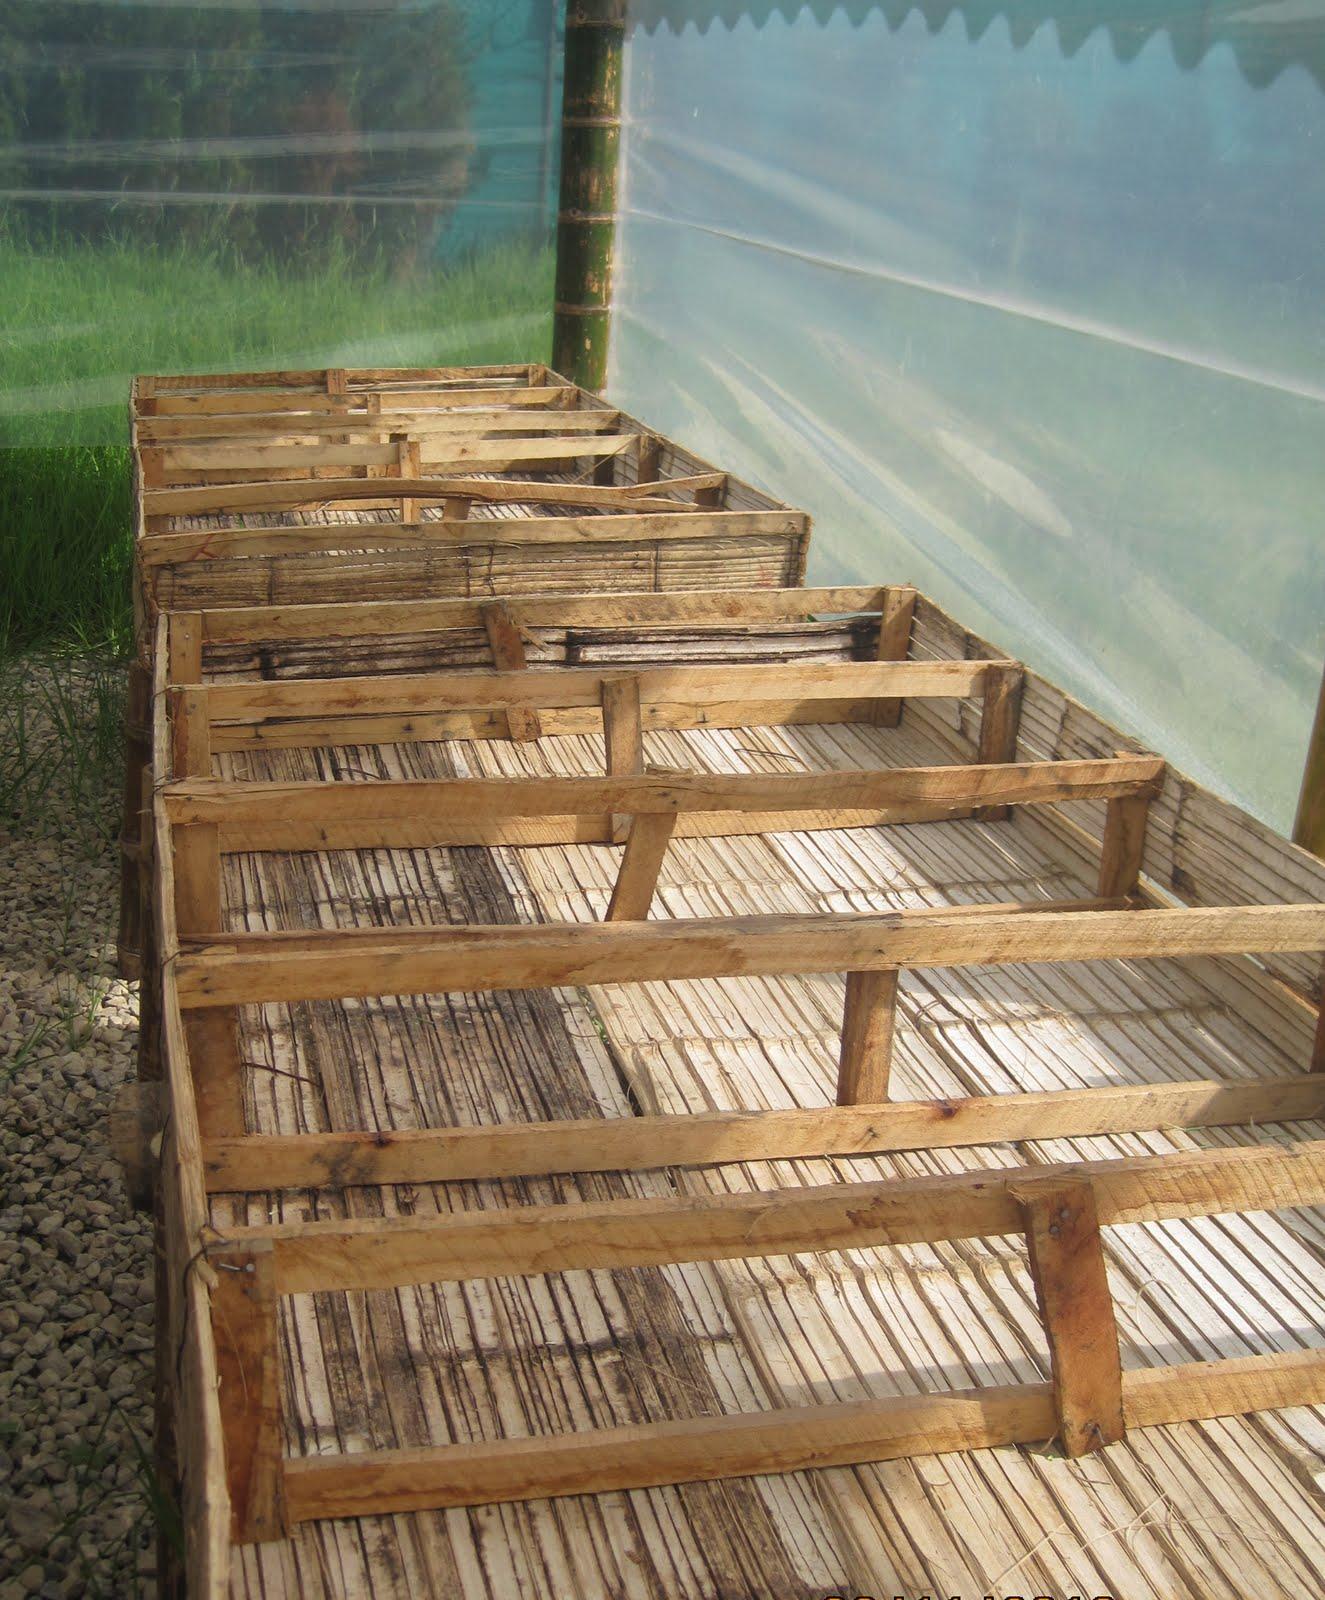 Ecolideres gimfa construcci n del vivero for Construccion de viveros